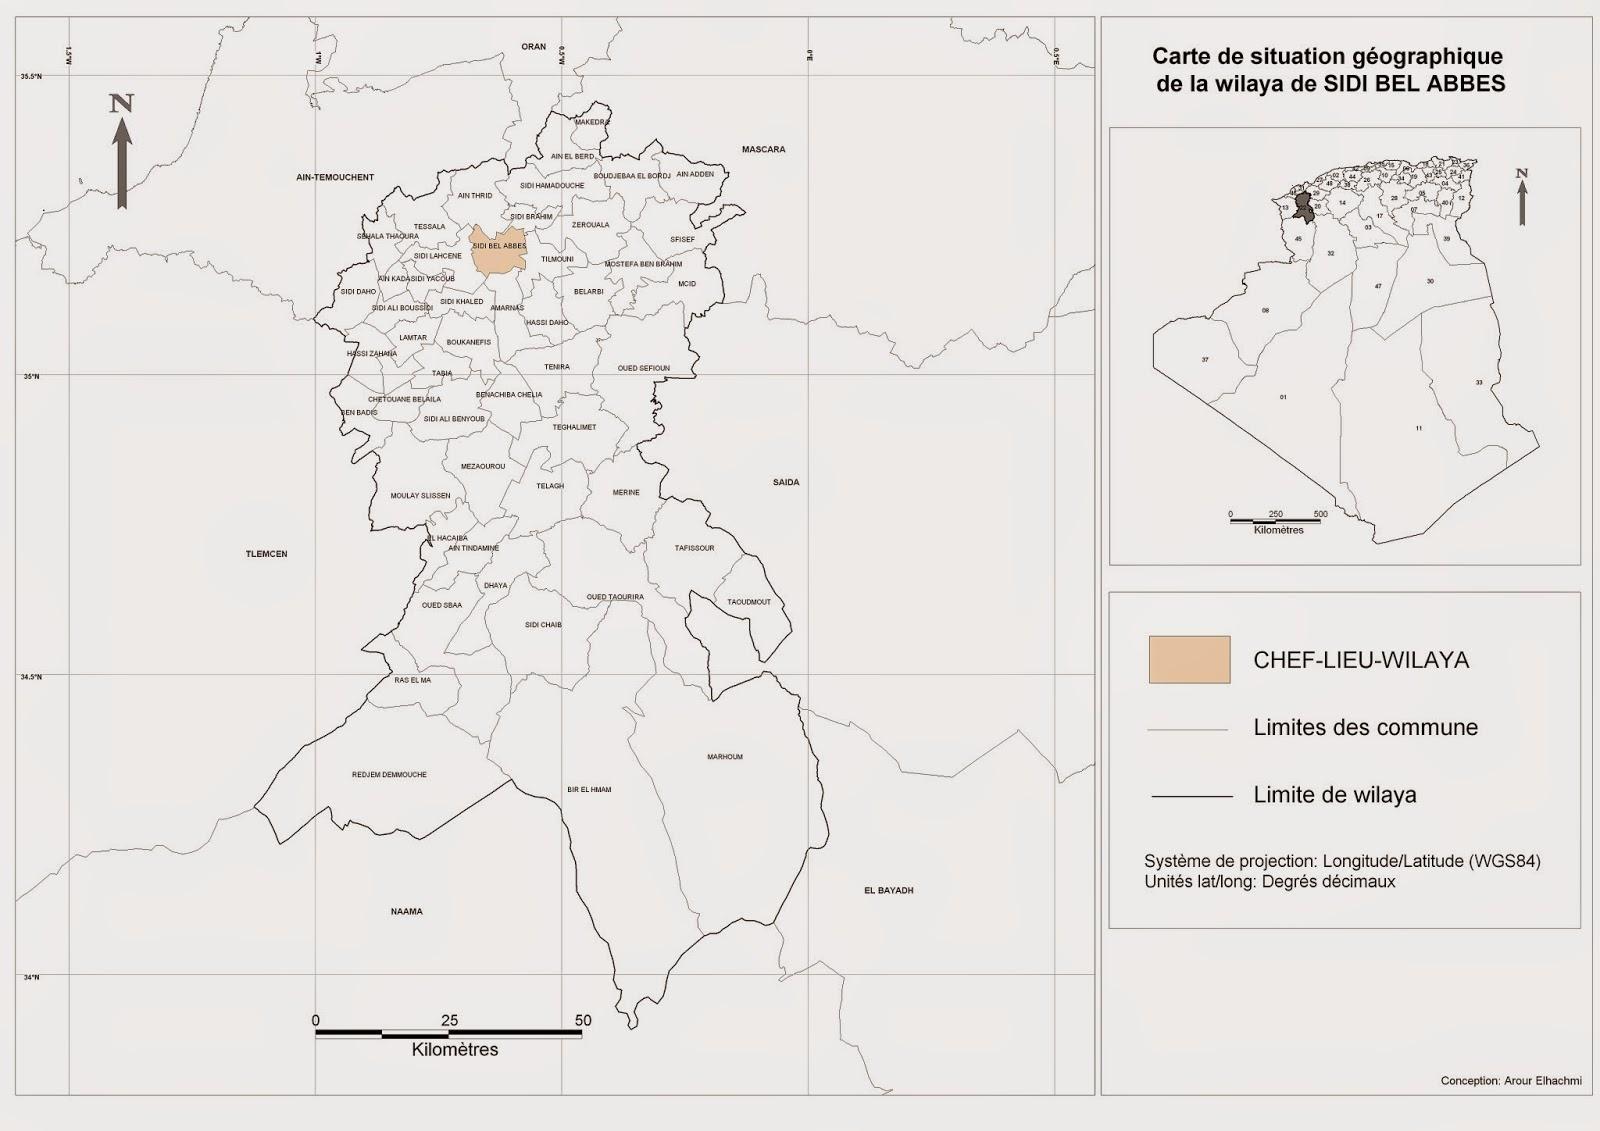 Découpage administratif de l'Algérie & Monographie: Carte de